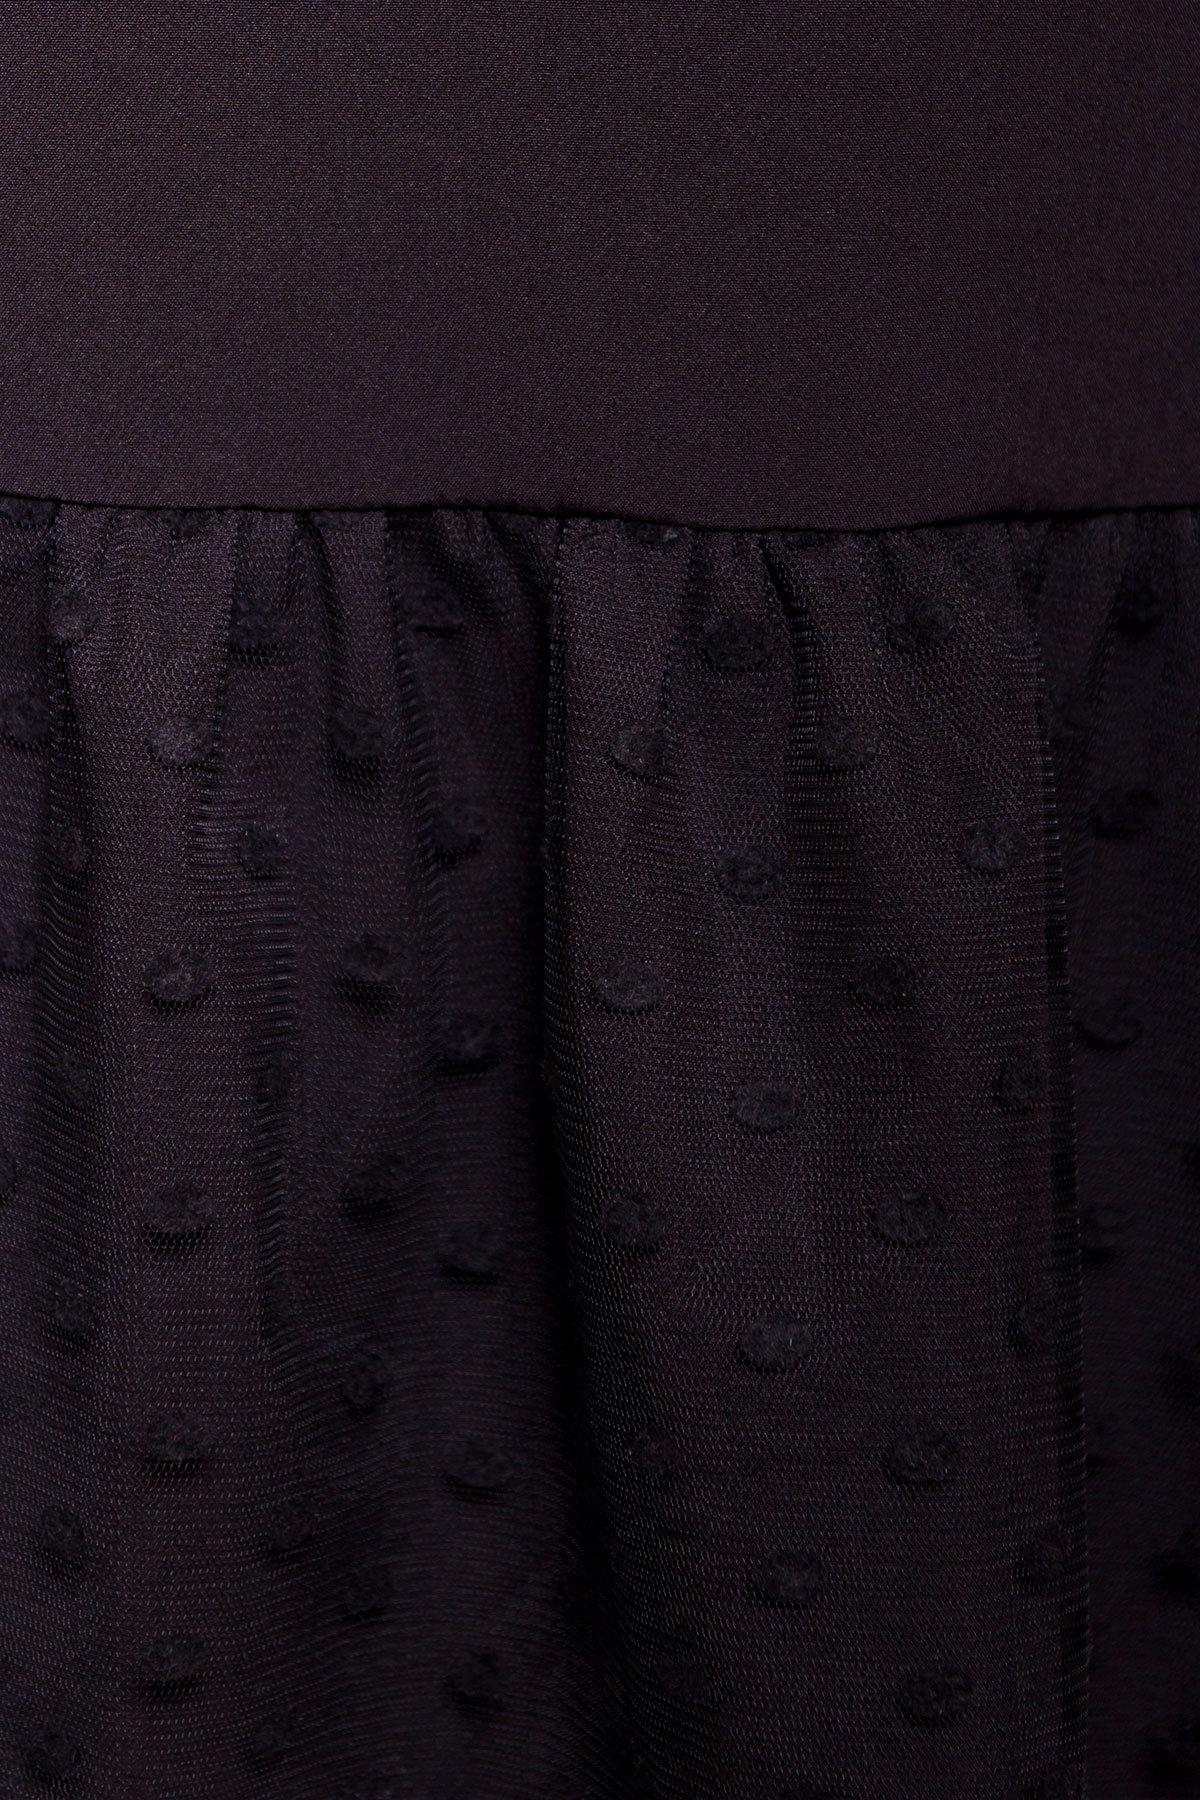 Платье Медисон 5950 АРТ. 40482 Цвет: Черный - фото 5, интернет магазин tm-modus.ru